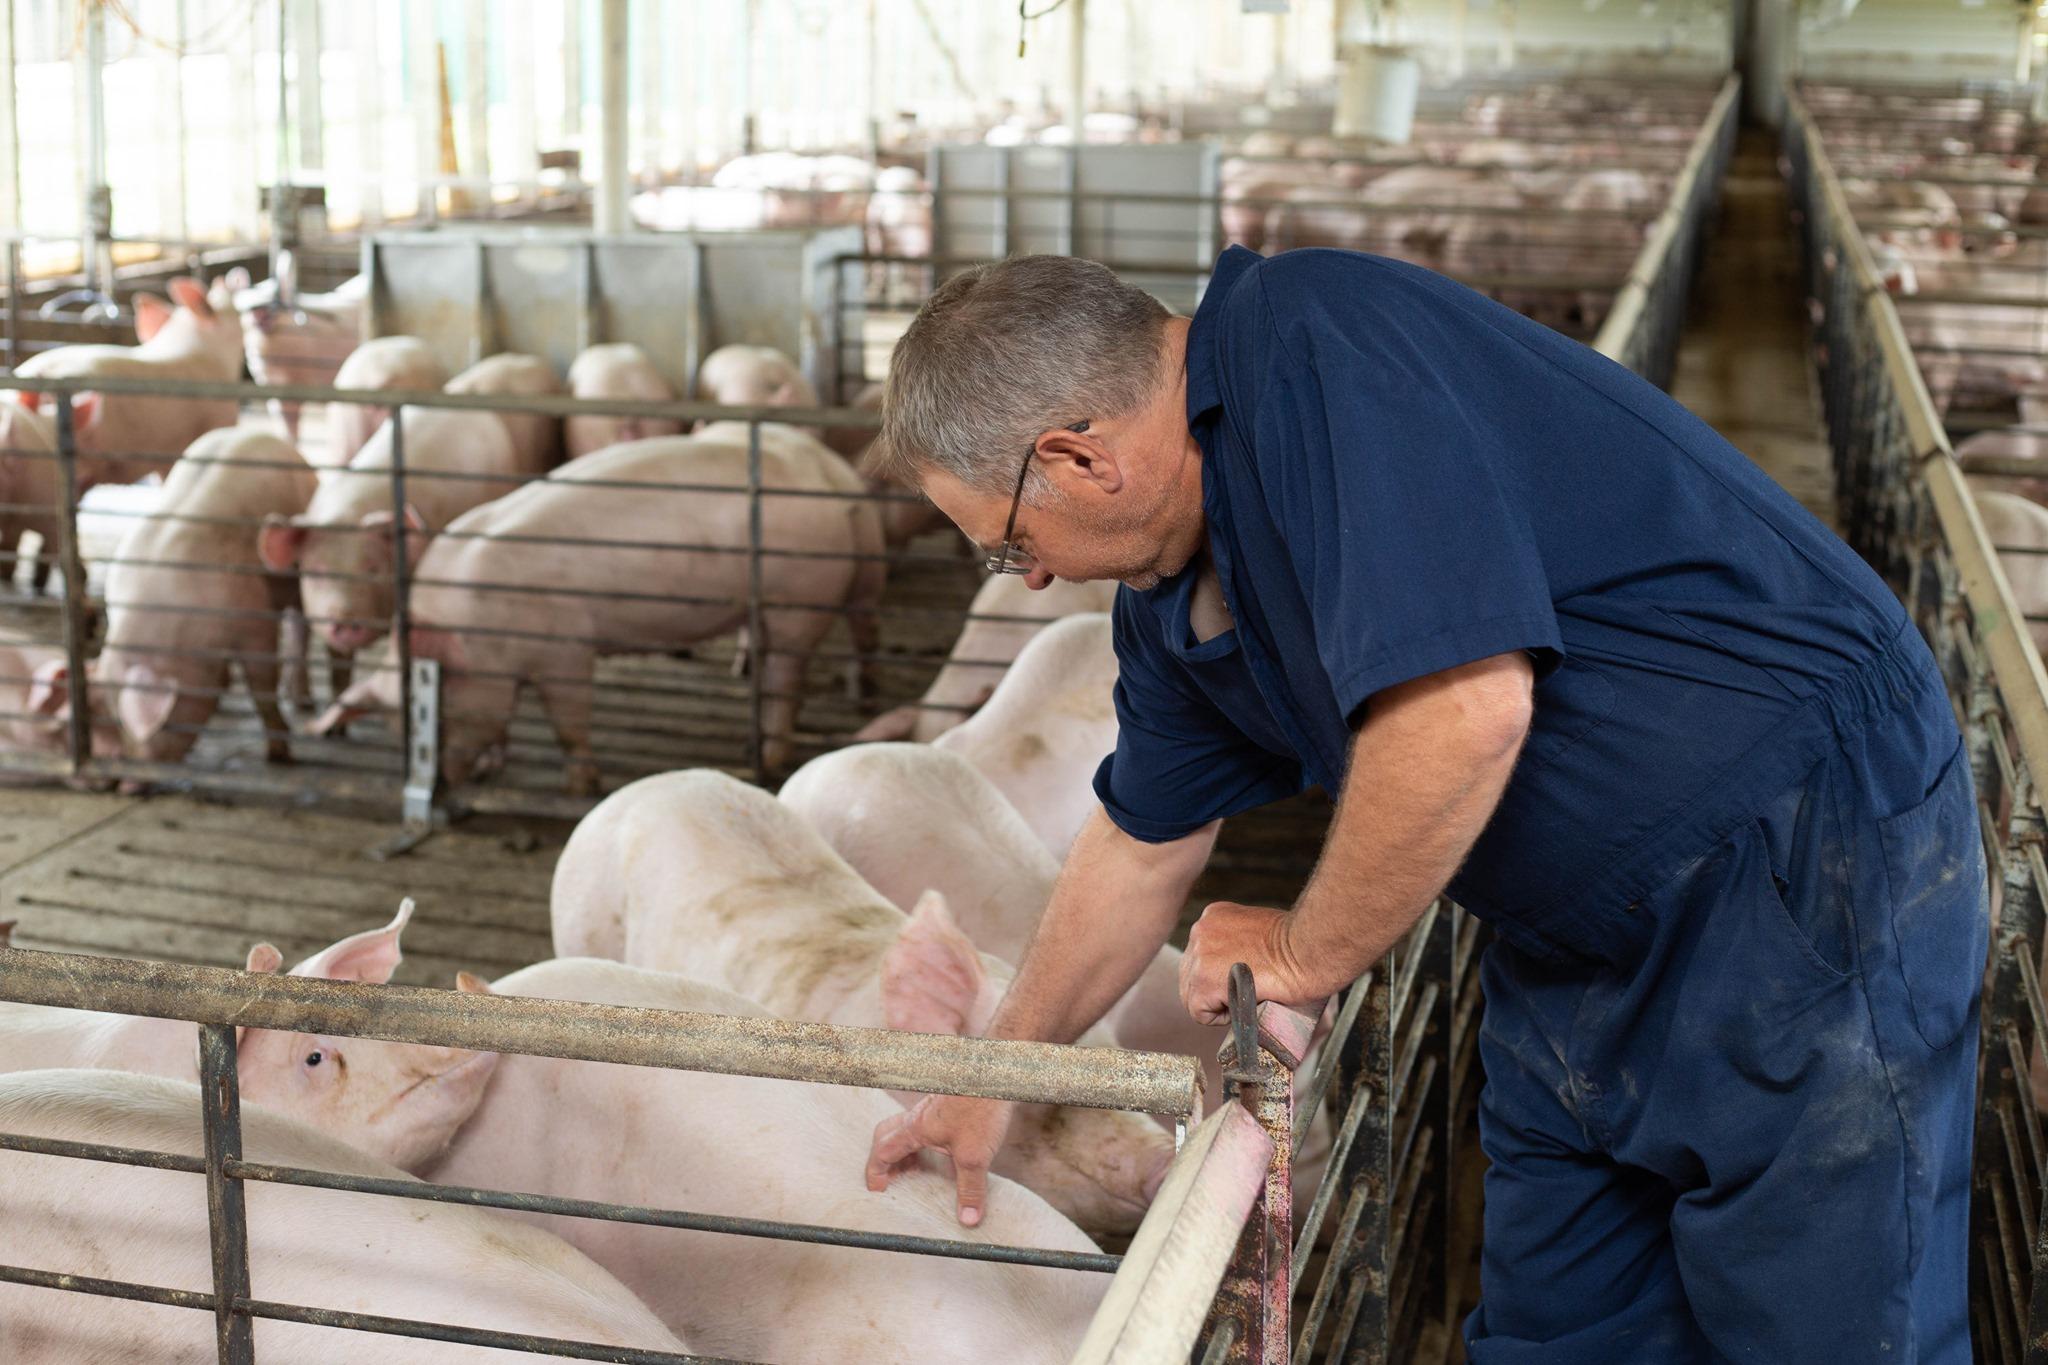 A man pets a pig.